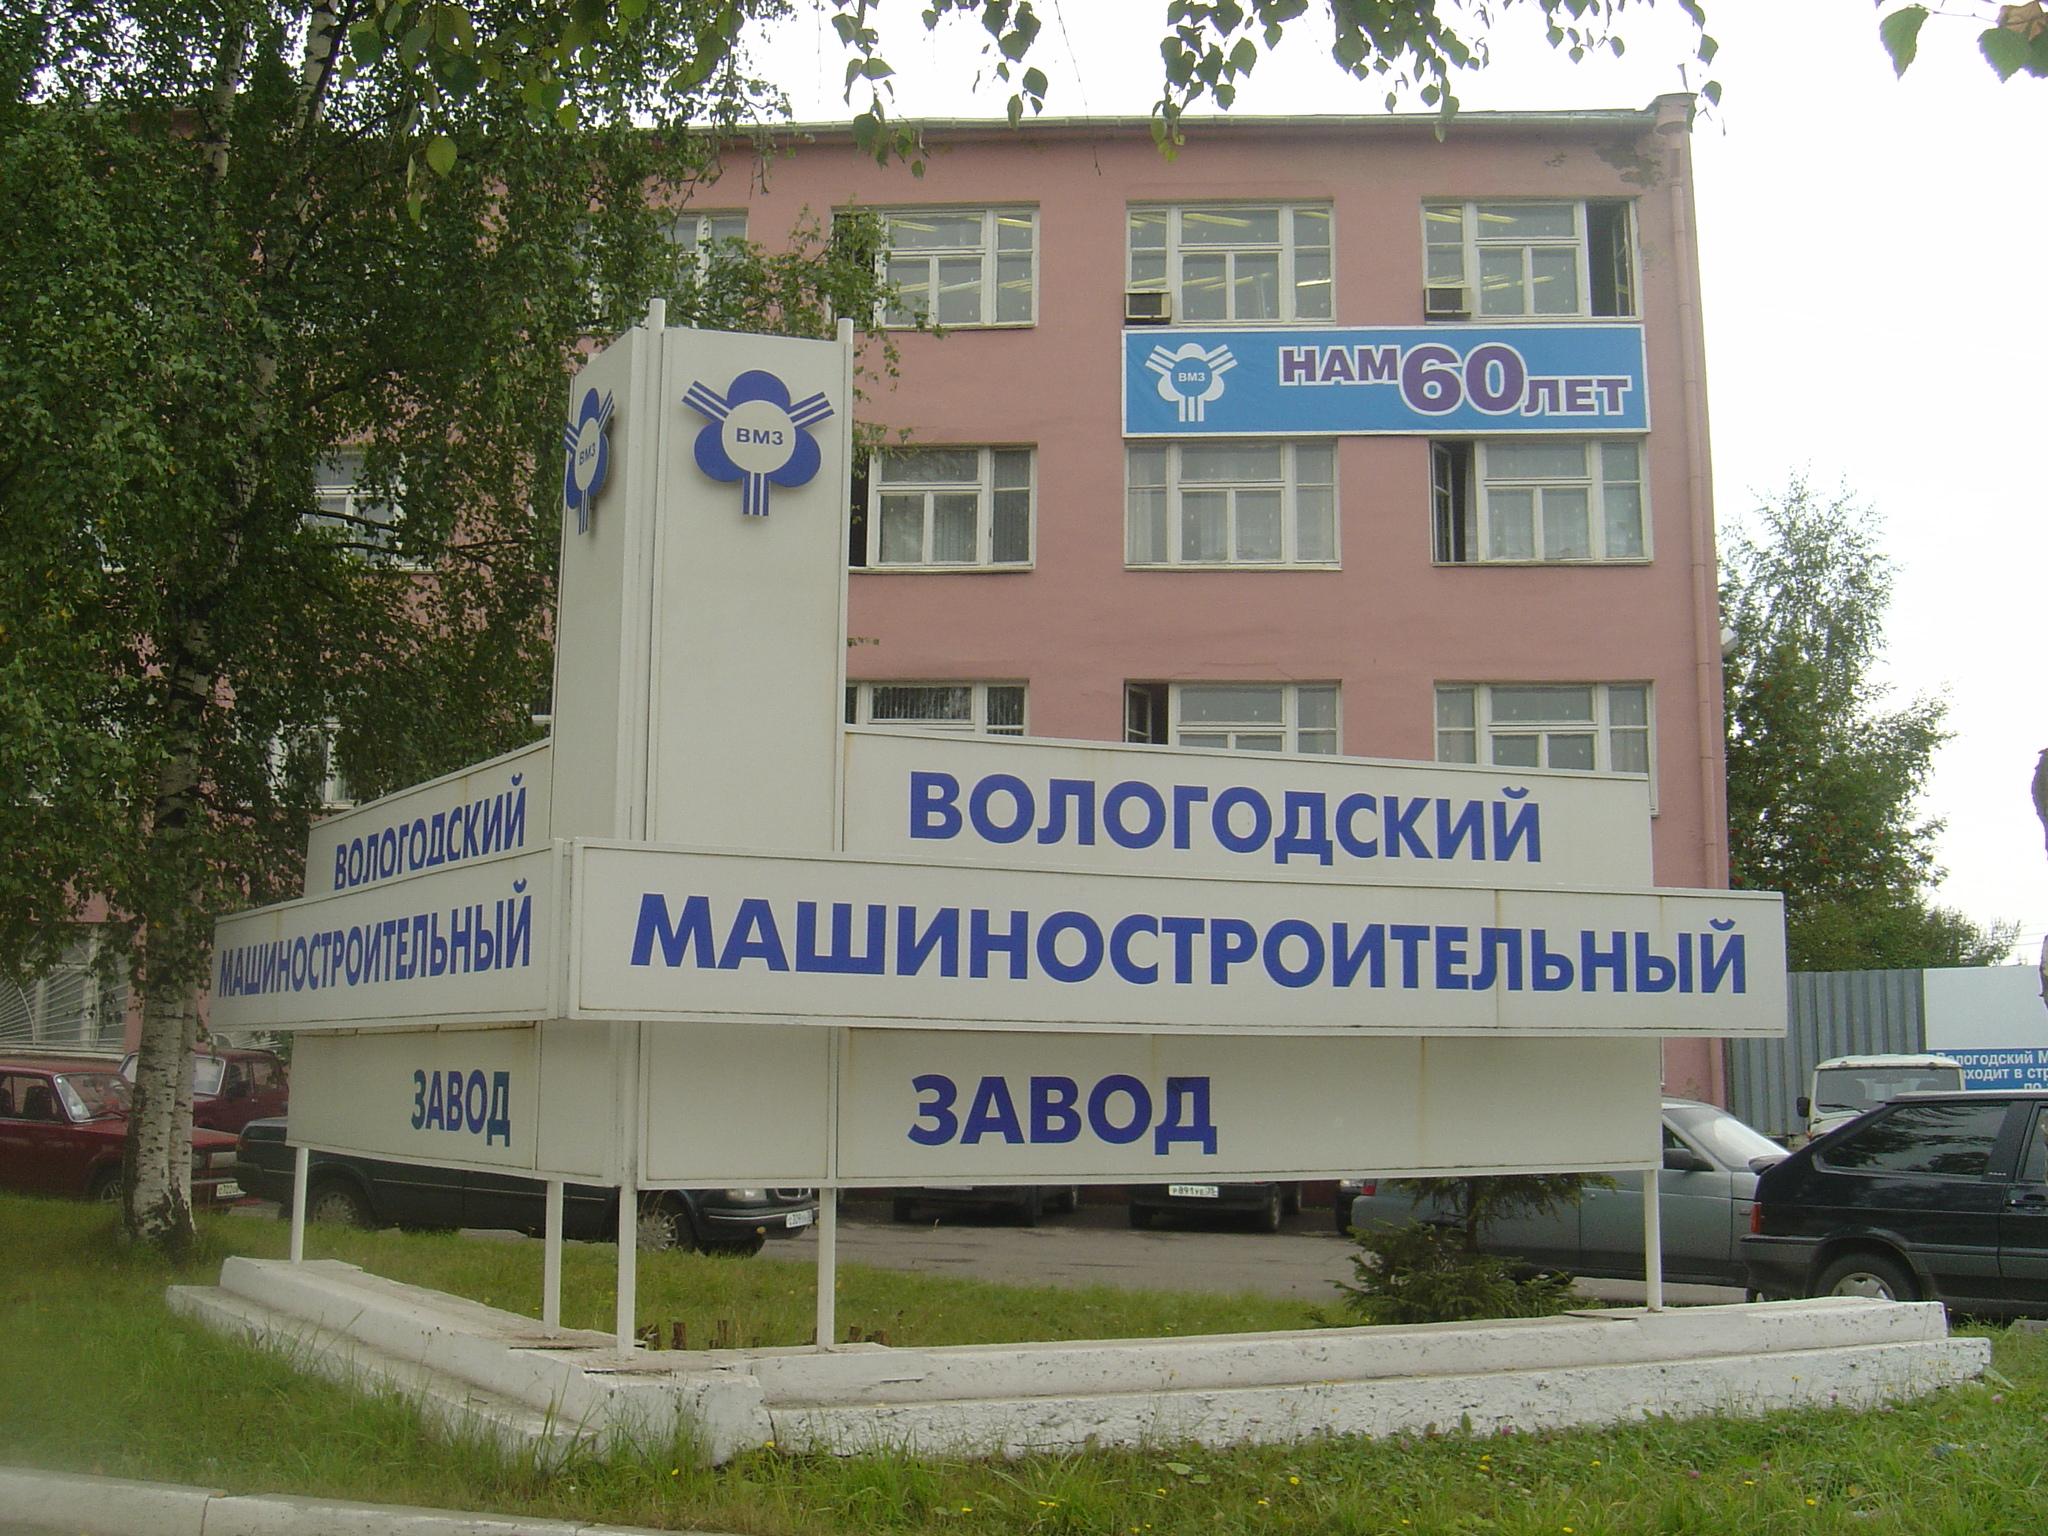 Маски-шоу на Машзаводе в Вологде: спецслужбы изымают документы